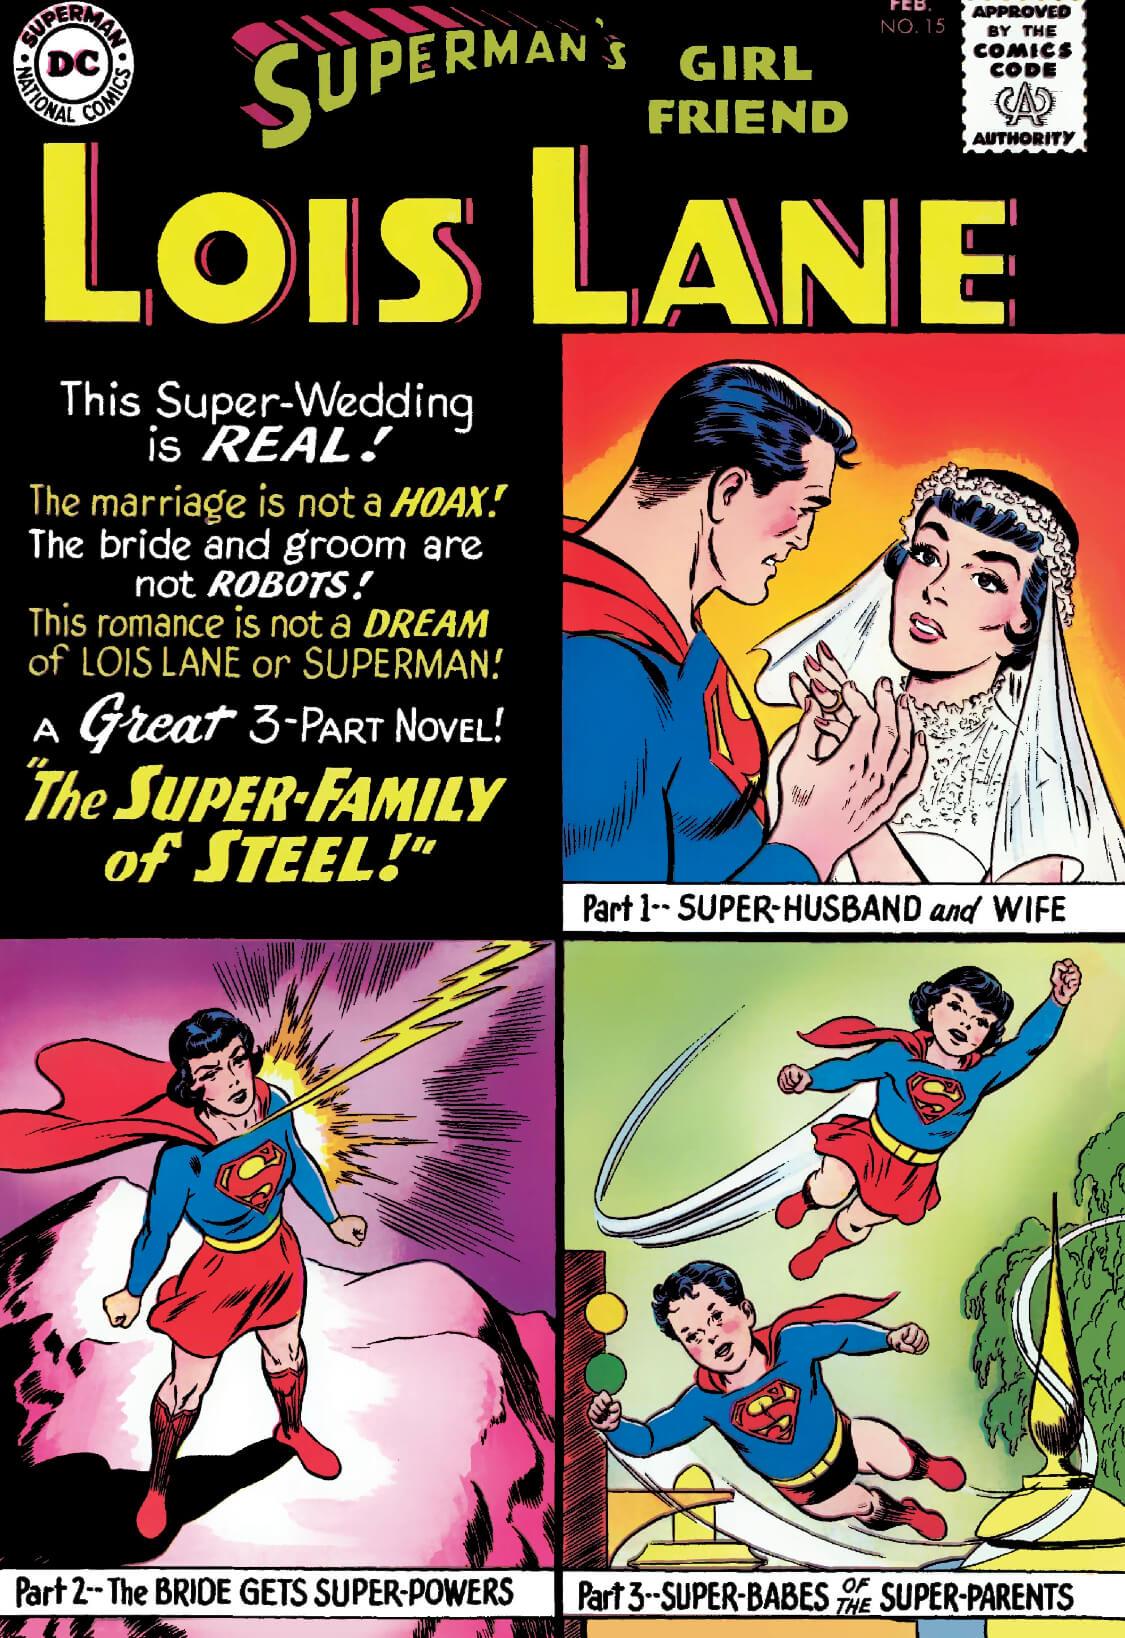 superman-lois-lane-silver-age.jpg